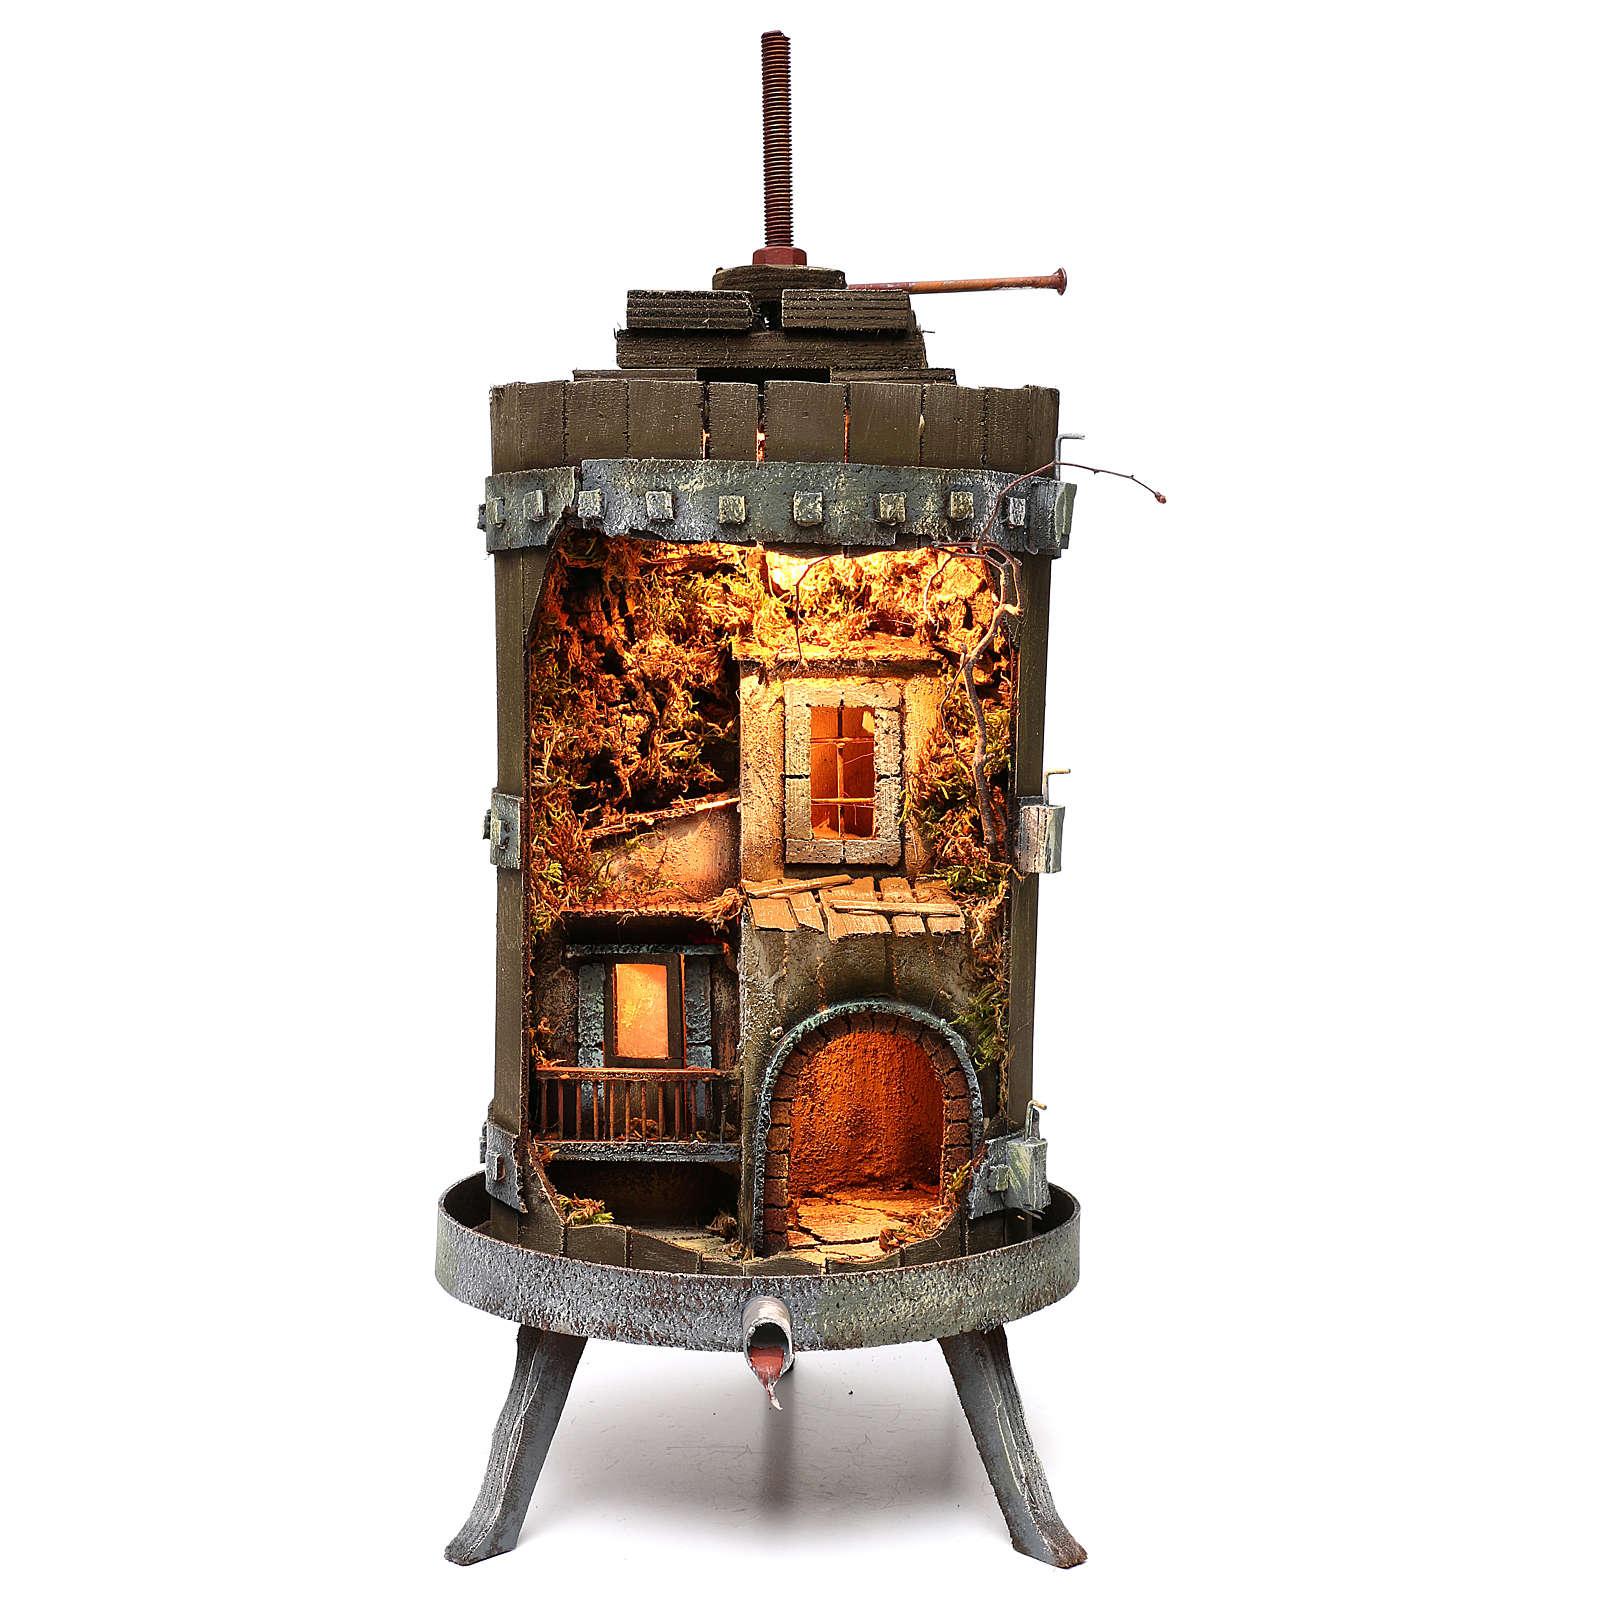 Torchio in legno presepe napoletano 70x35 cm per statuine 6 cm 4